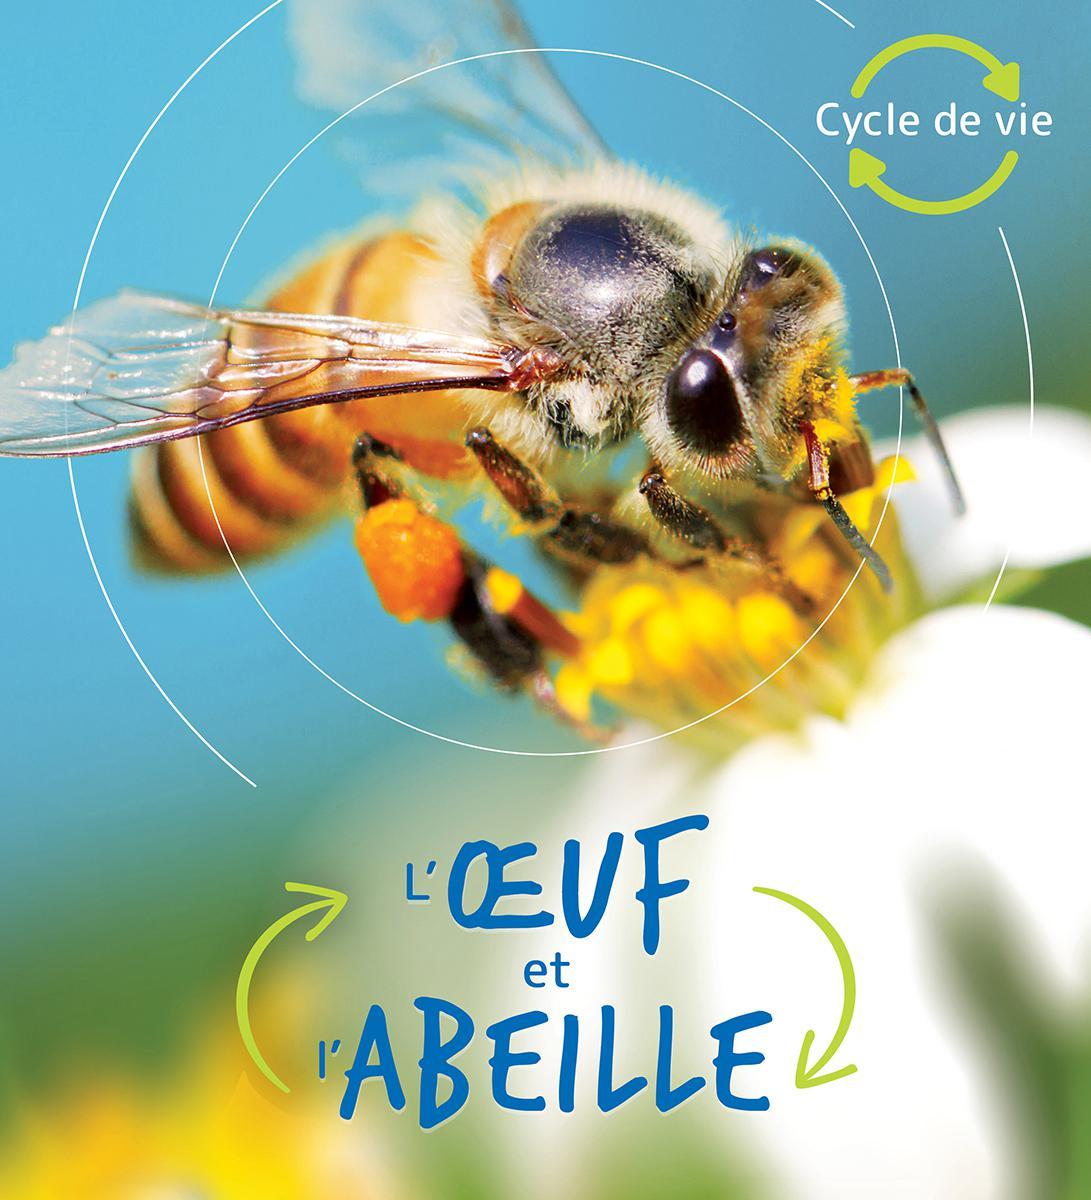 Cycle de vie : L'oeuf et l'abeille